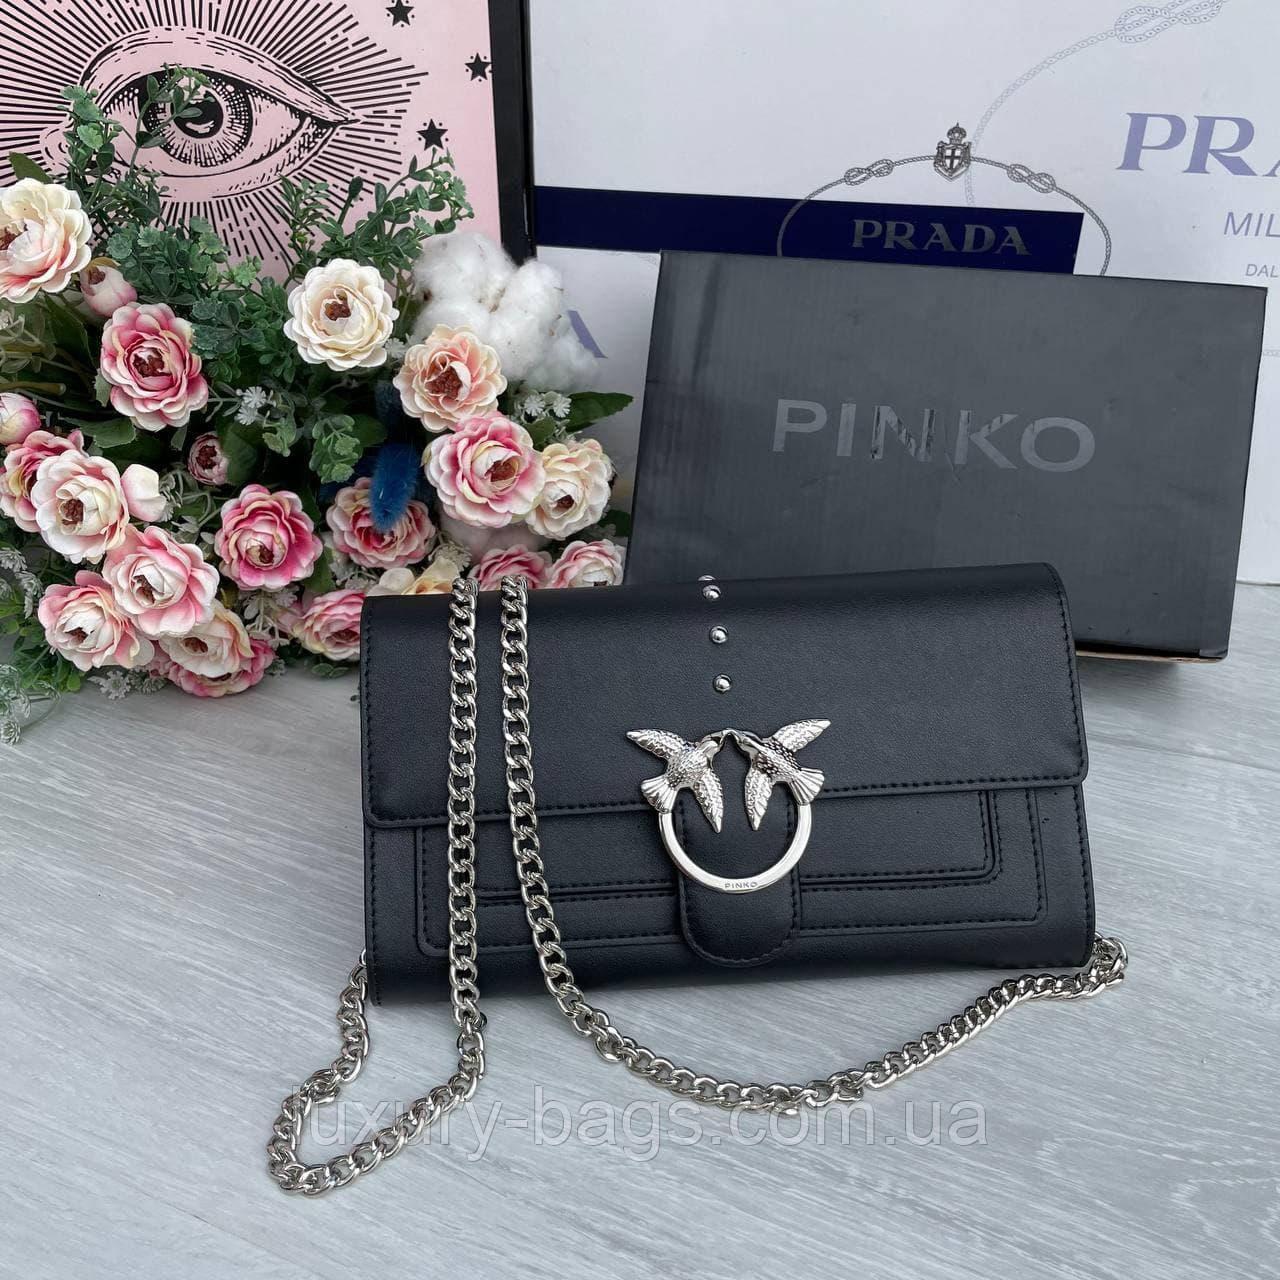 Жіночий стильний клатч Pinko Пінко